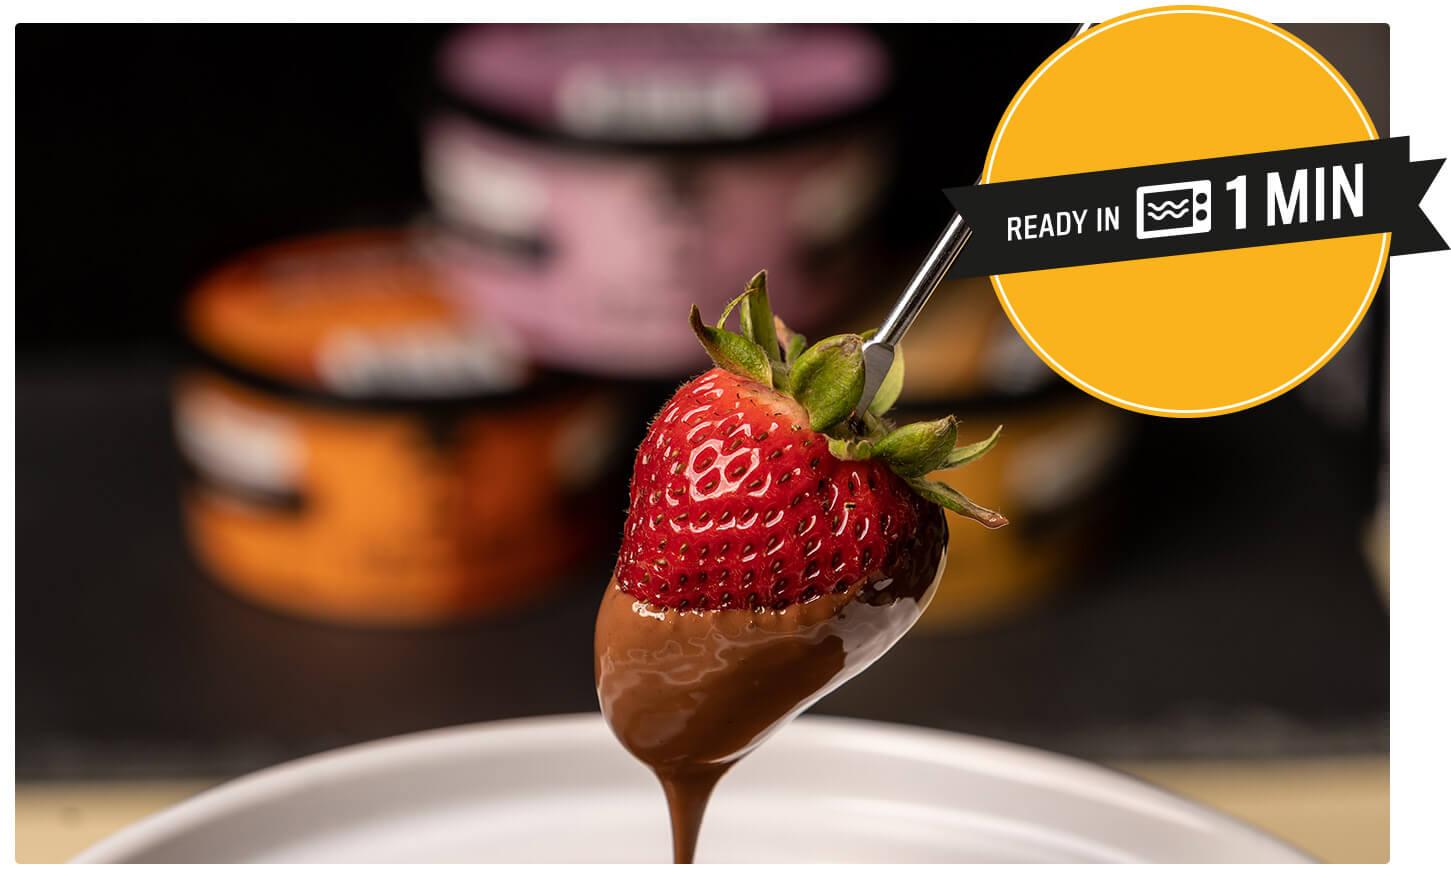 m-hotches-produits-fraise-pret-1-minute